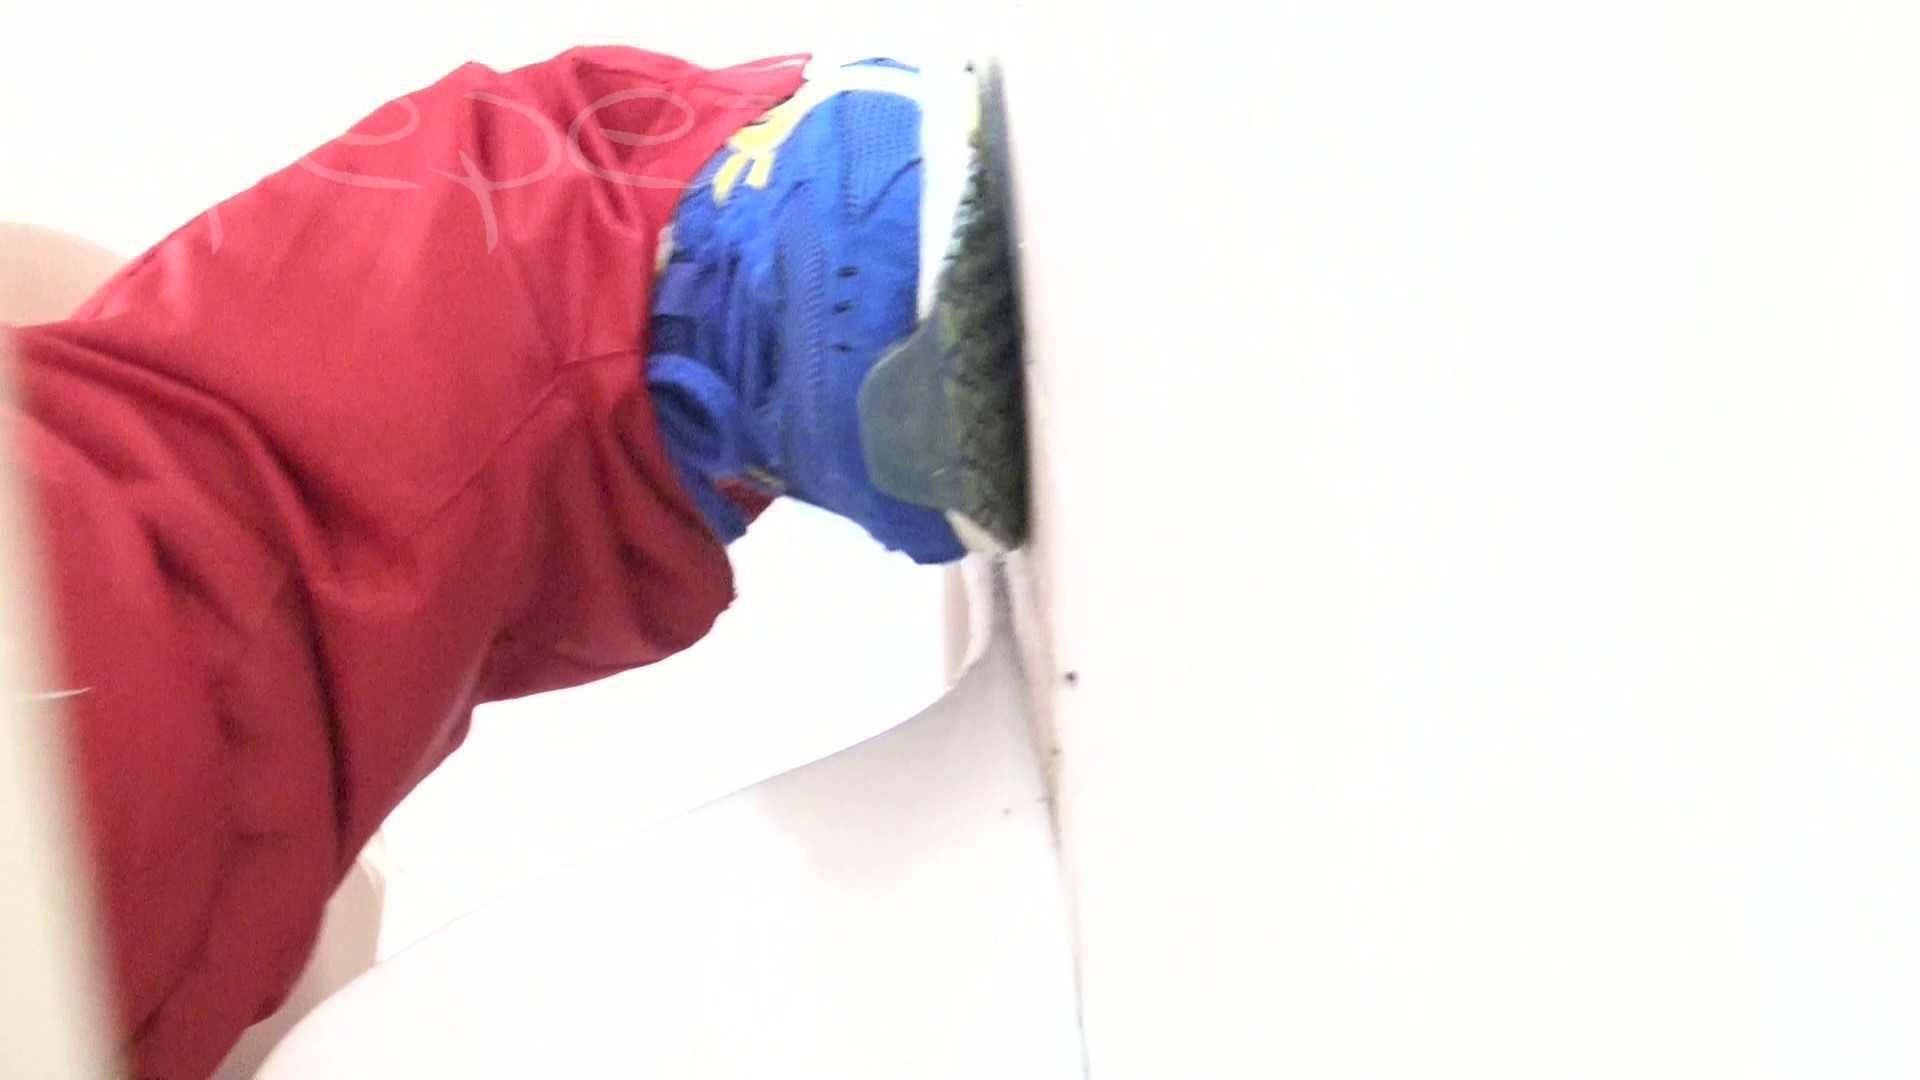 セックスアダルト動画|▲期間限定D▲至高洗面所盗撮 16 極上体育館2カメ撮り!!|怪盗ジョーカー